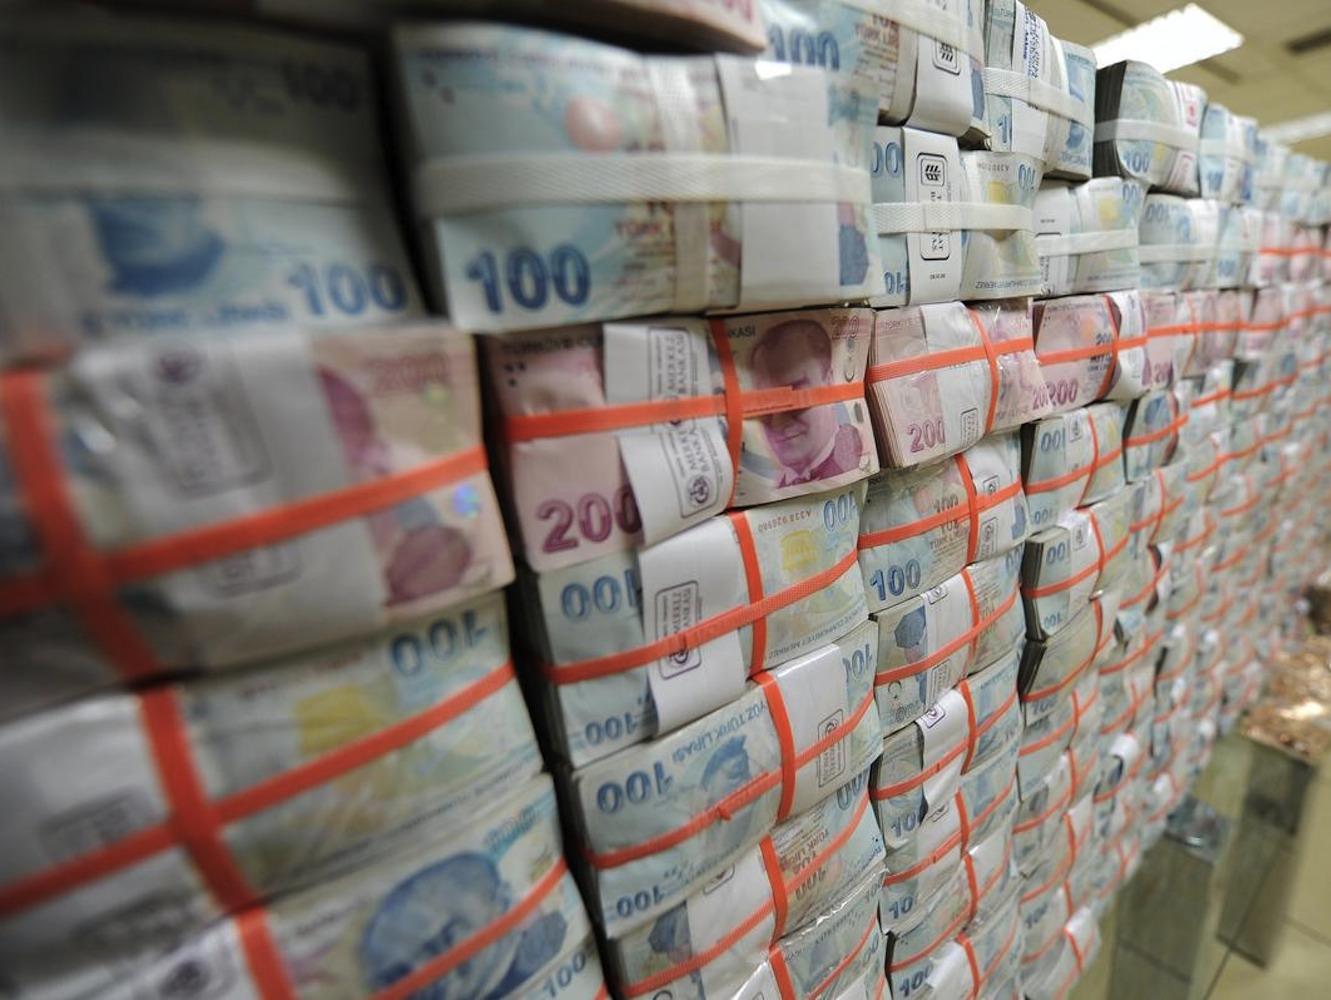 Yılın ilk 6 ayında örtülü ödenekten 1.1 milyar lira harcandı